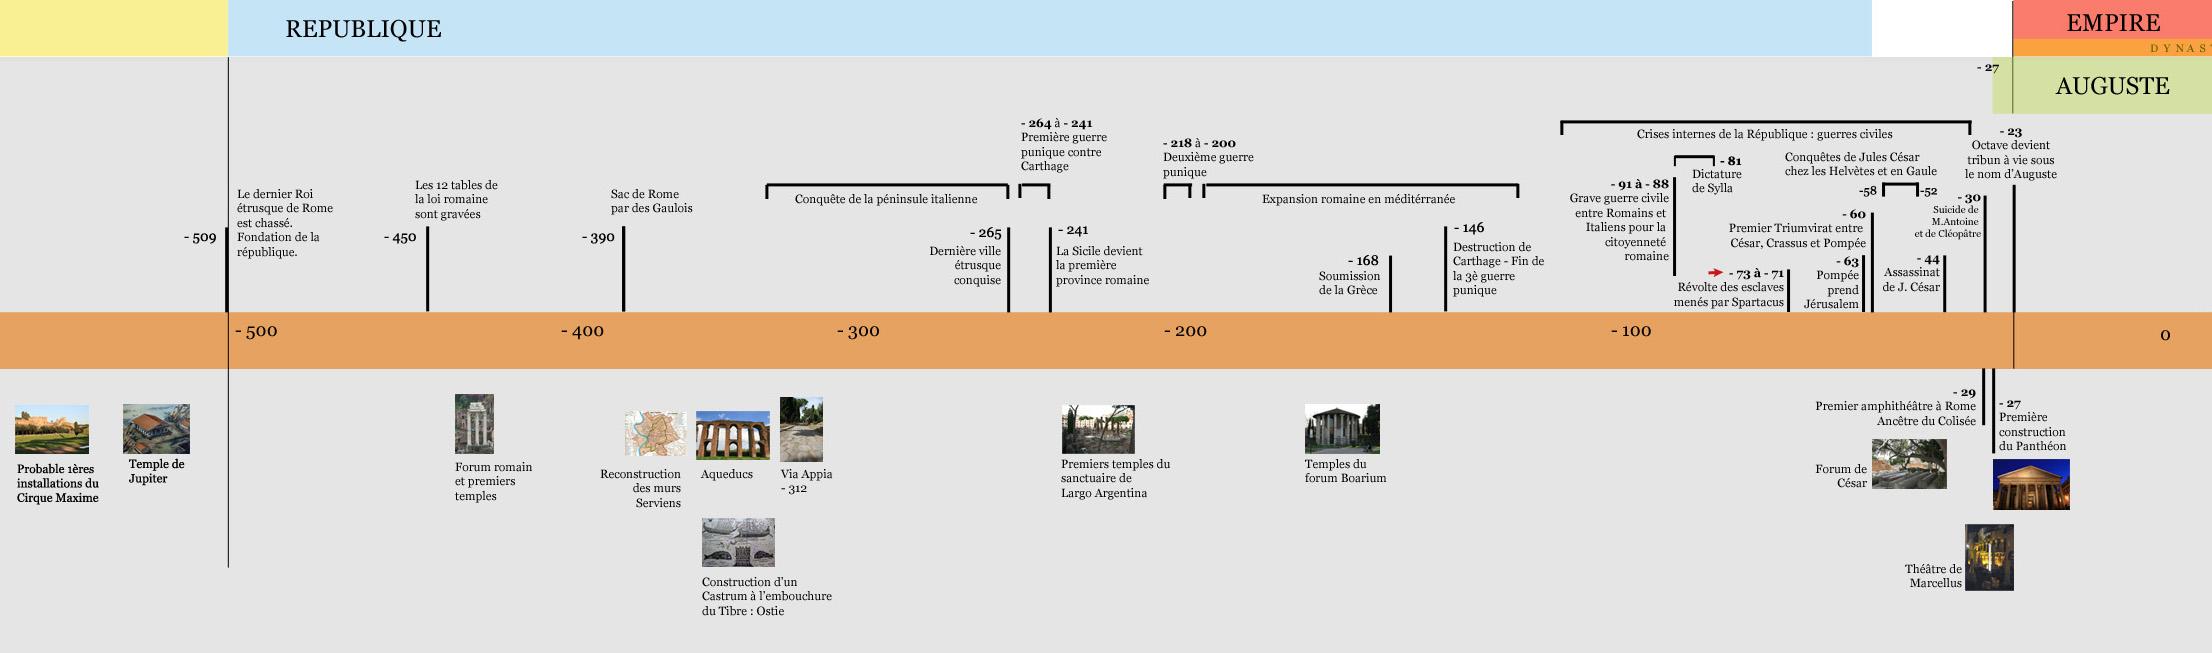 Histoire de la République Romaine